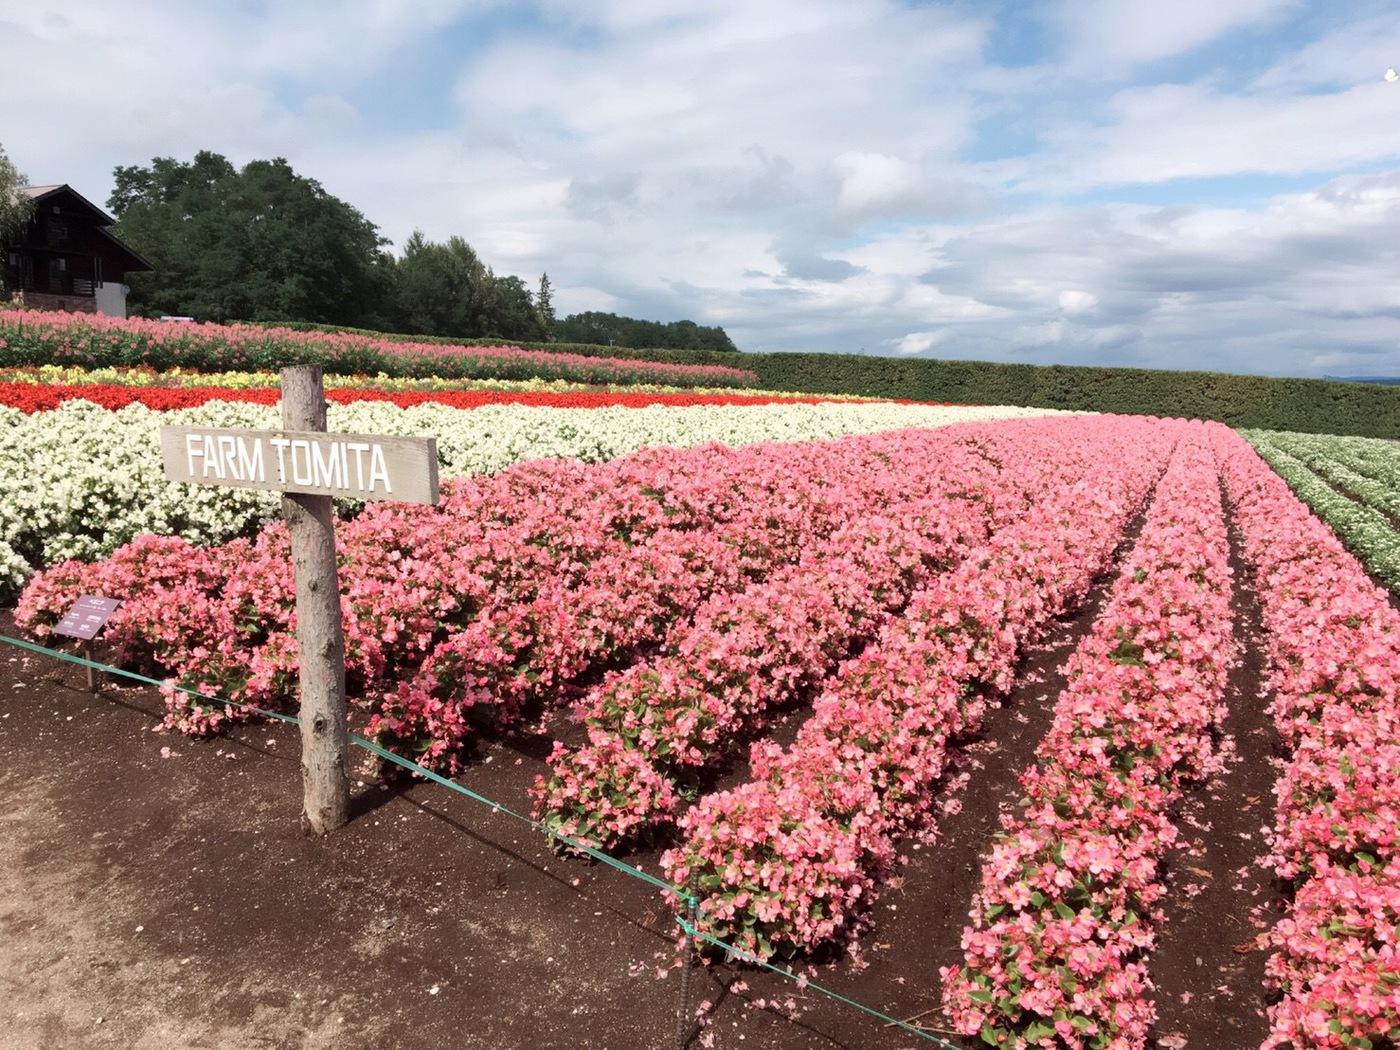 一度は訪れてみたい!北海道のおすすめ観光スポット♡の6枚目の画像の画像